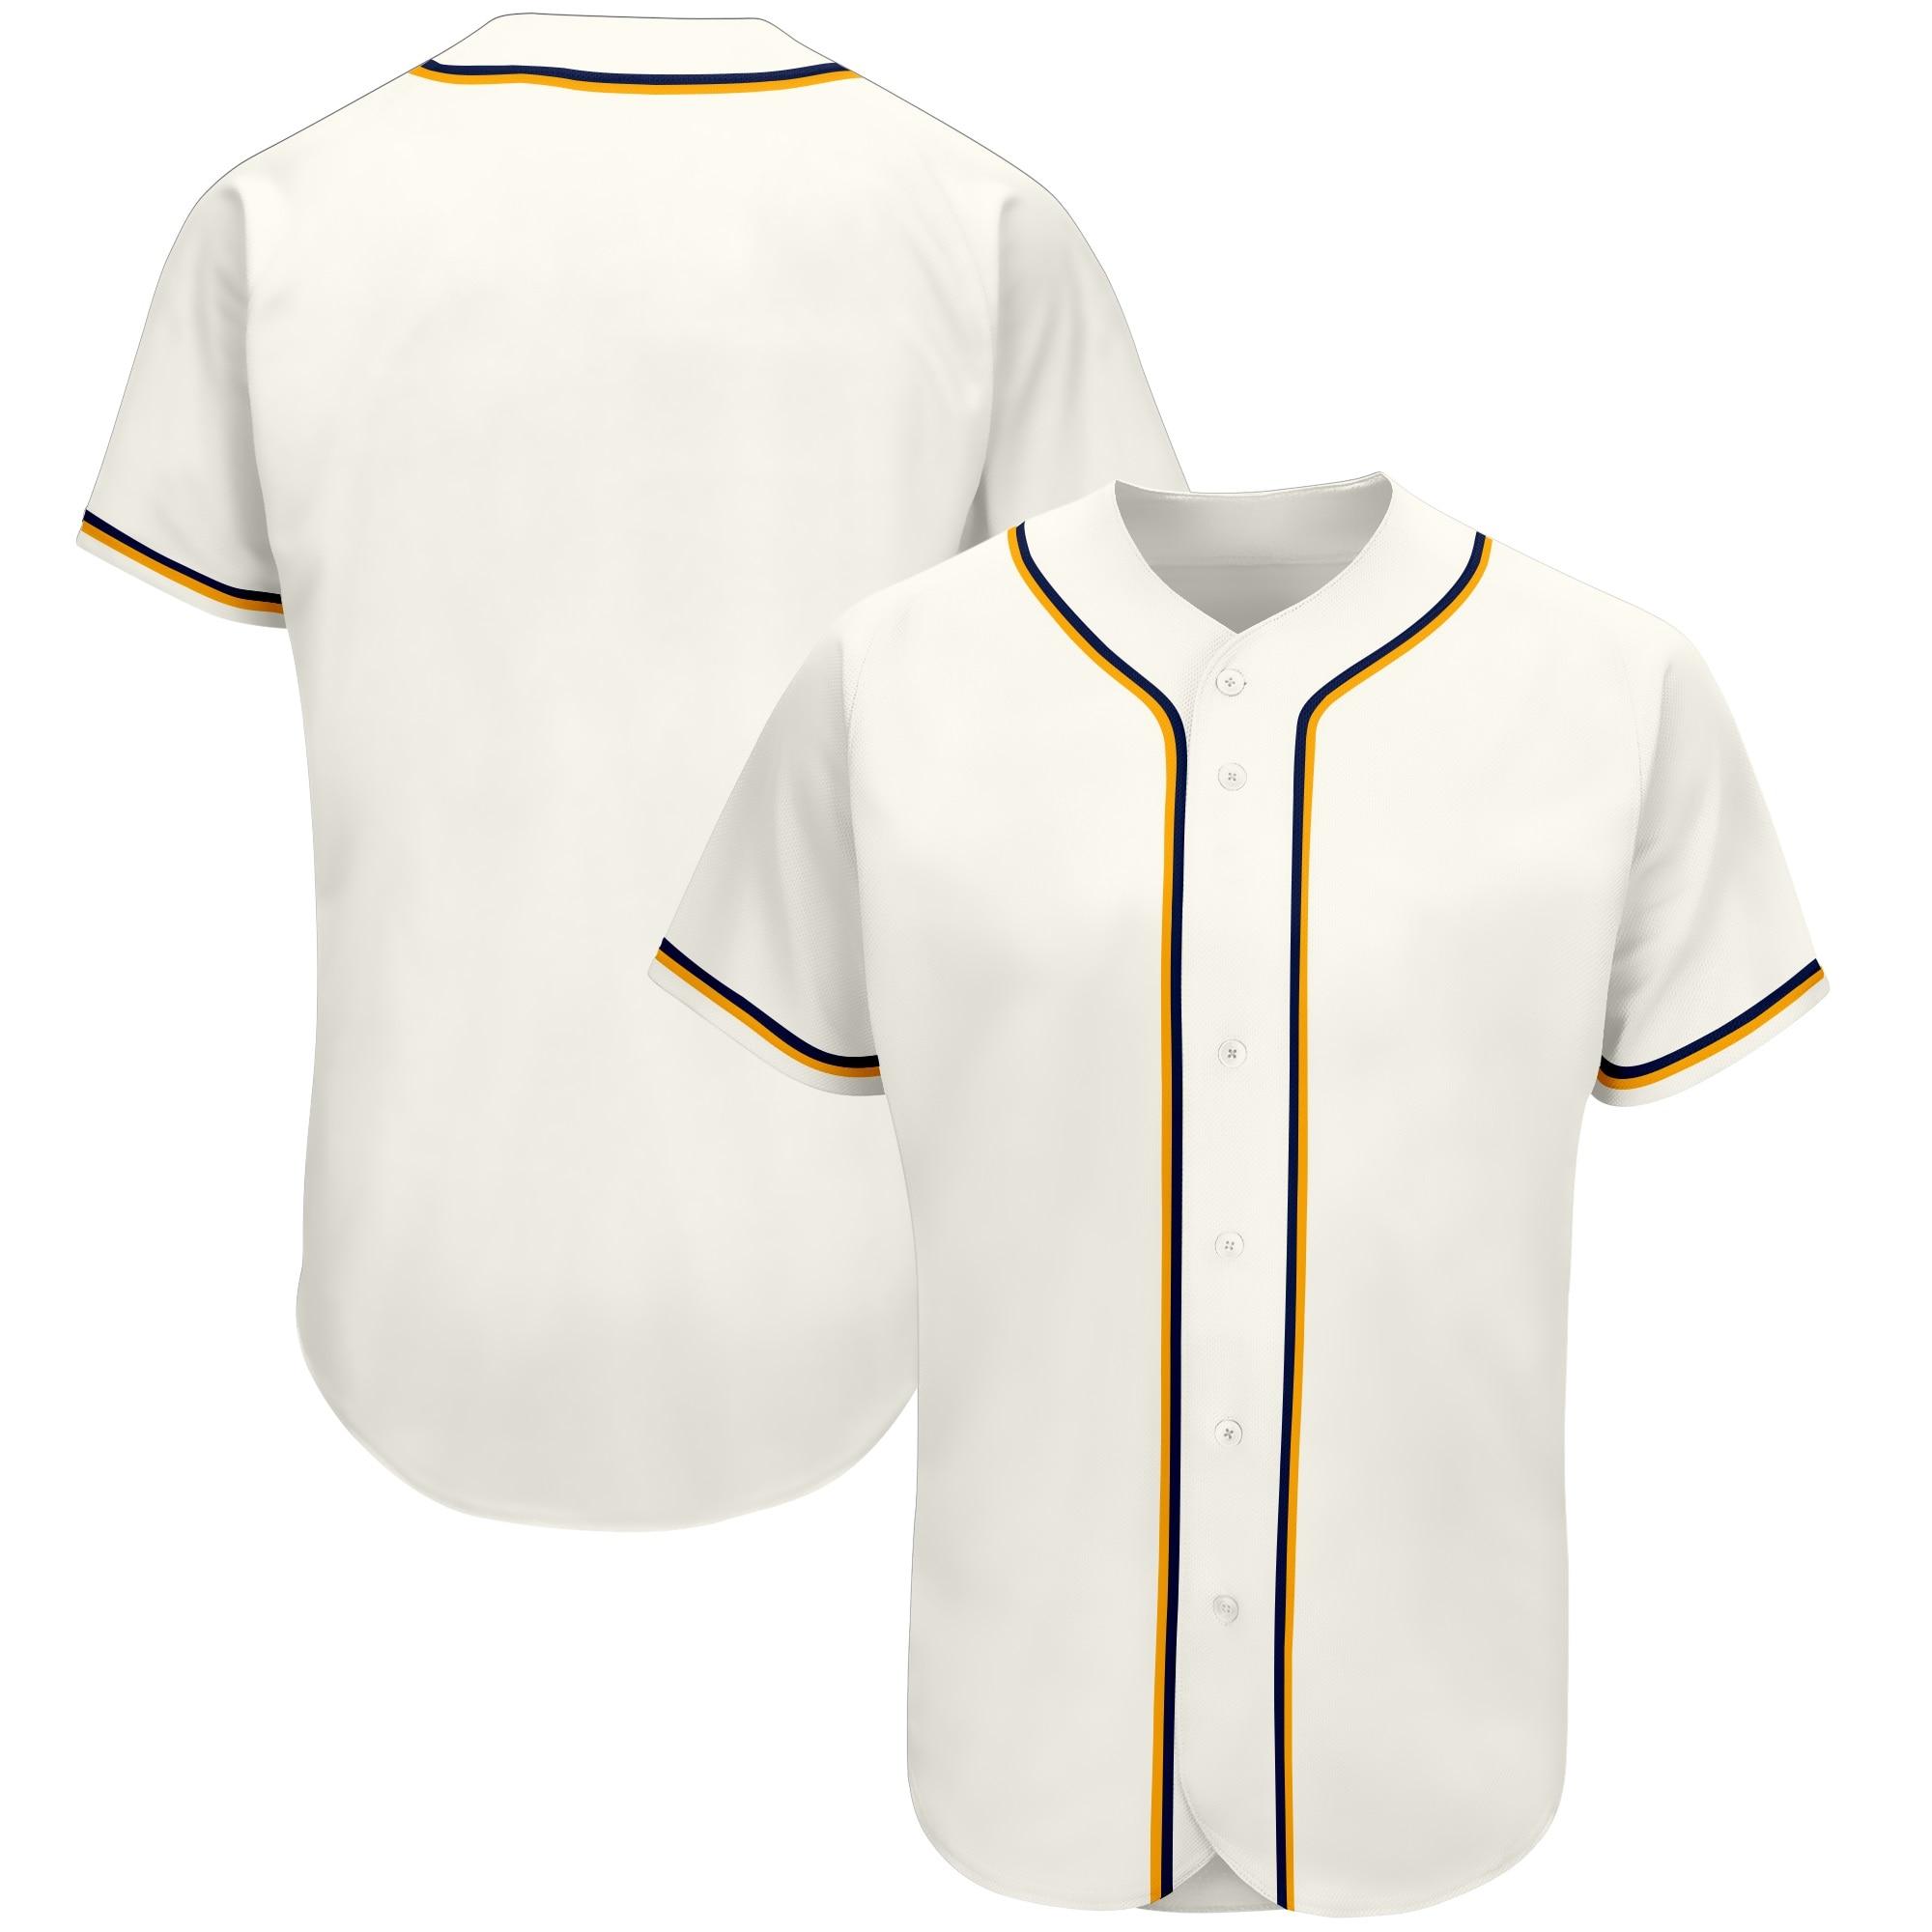 Недорогие мужские бейсбольные Джерси без рисунка под заказ, спортивные рубашки для спортсменов, униформа для чирлидинга 2021